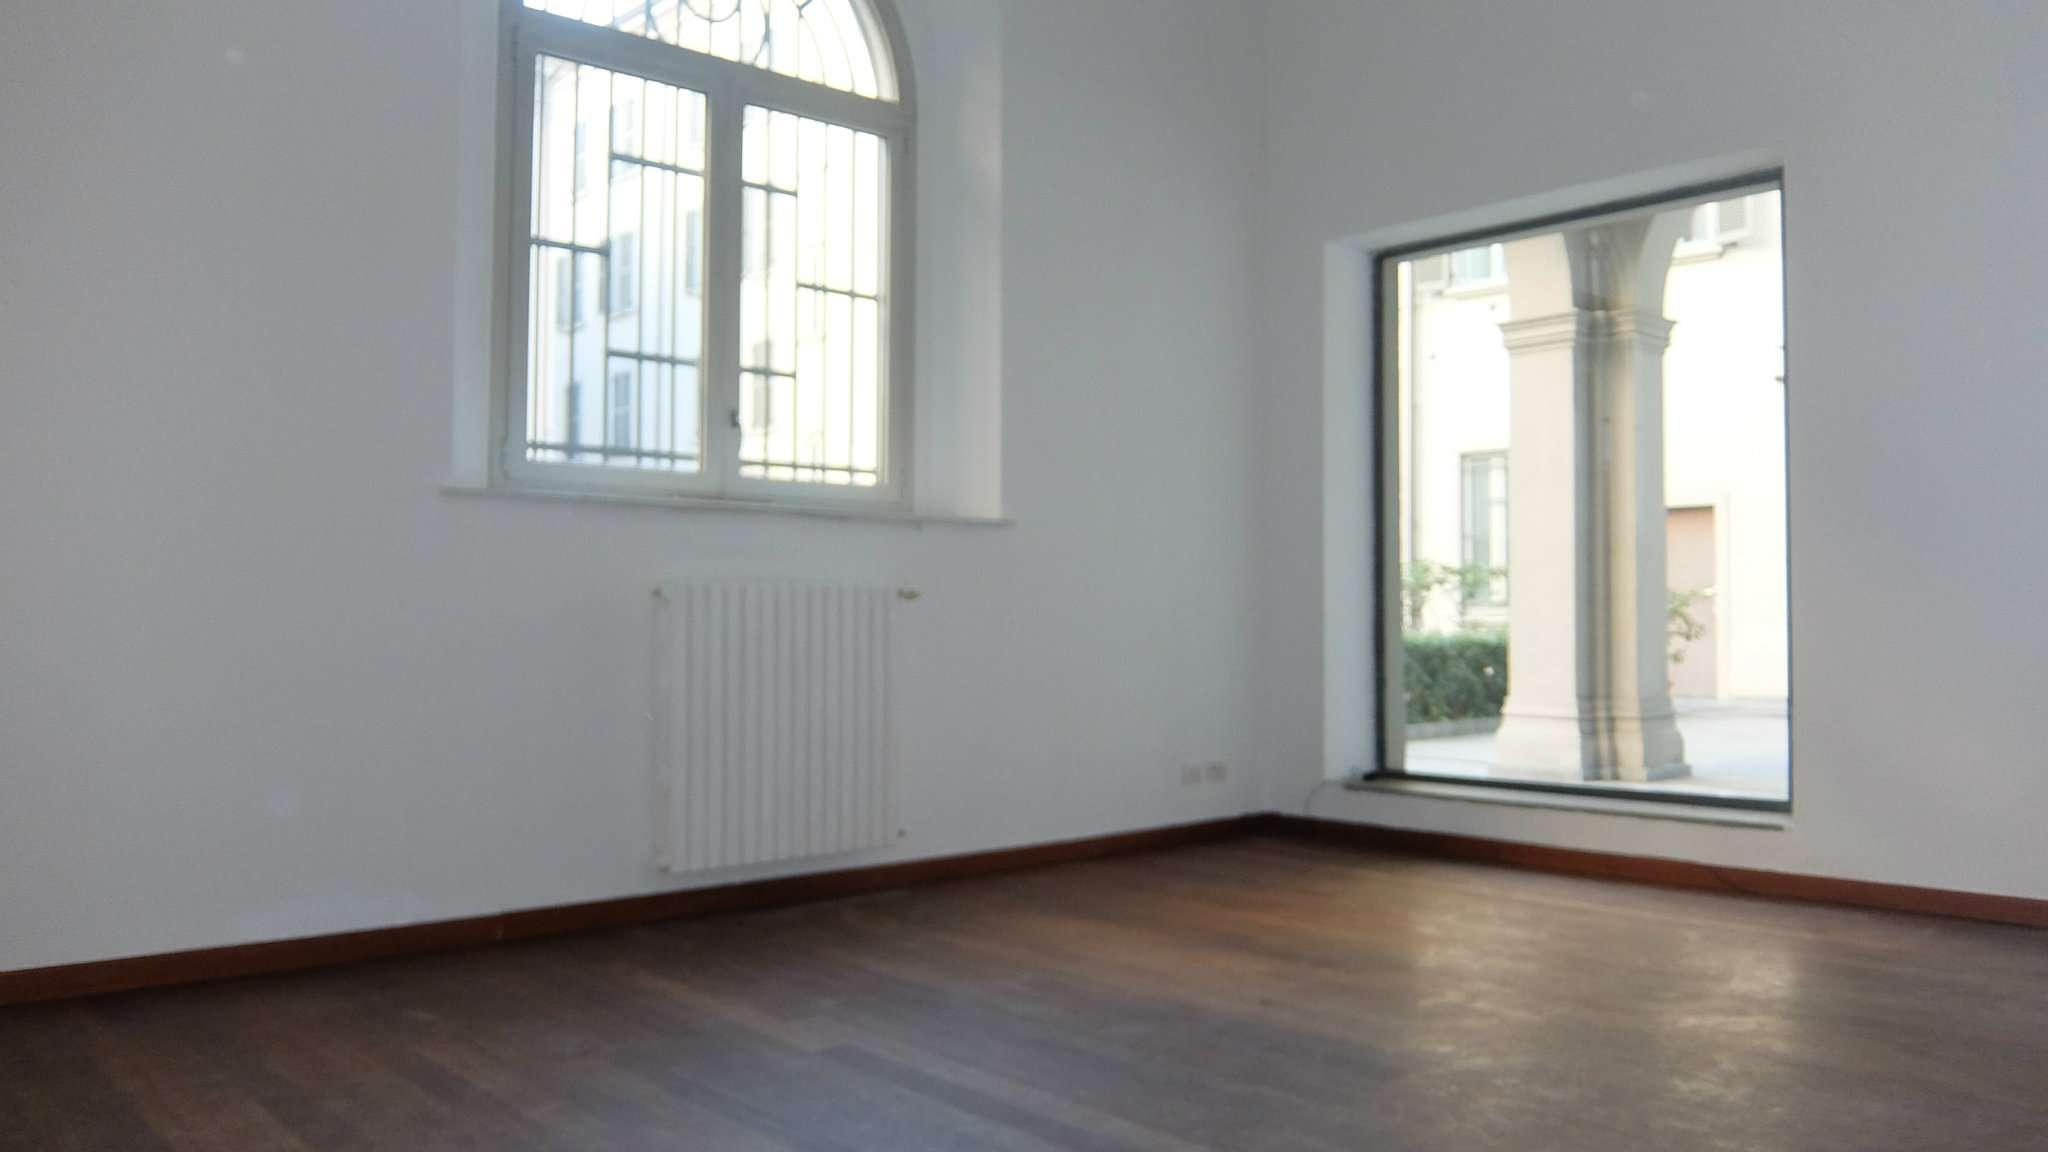 Appartamenti centro in affitto a milano pag 8 for Appartamenti a milano centro